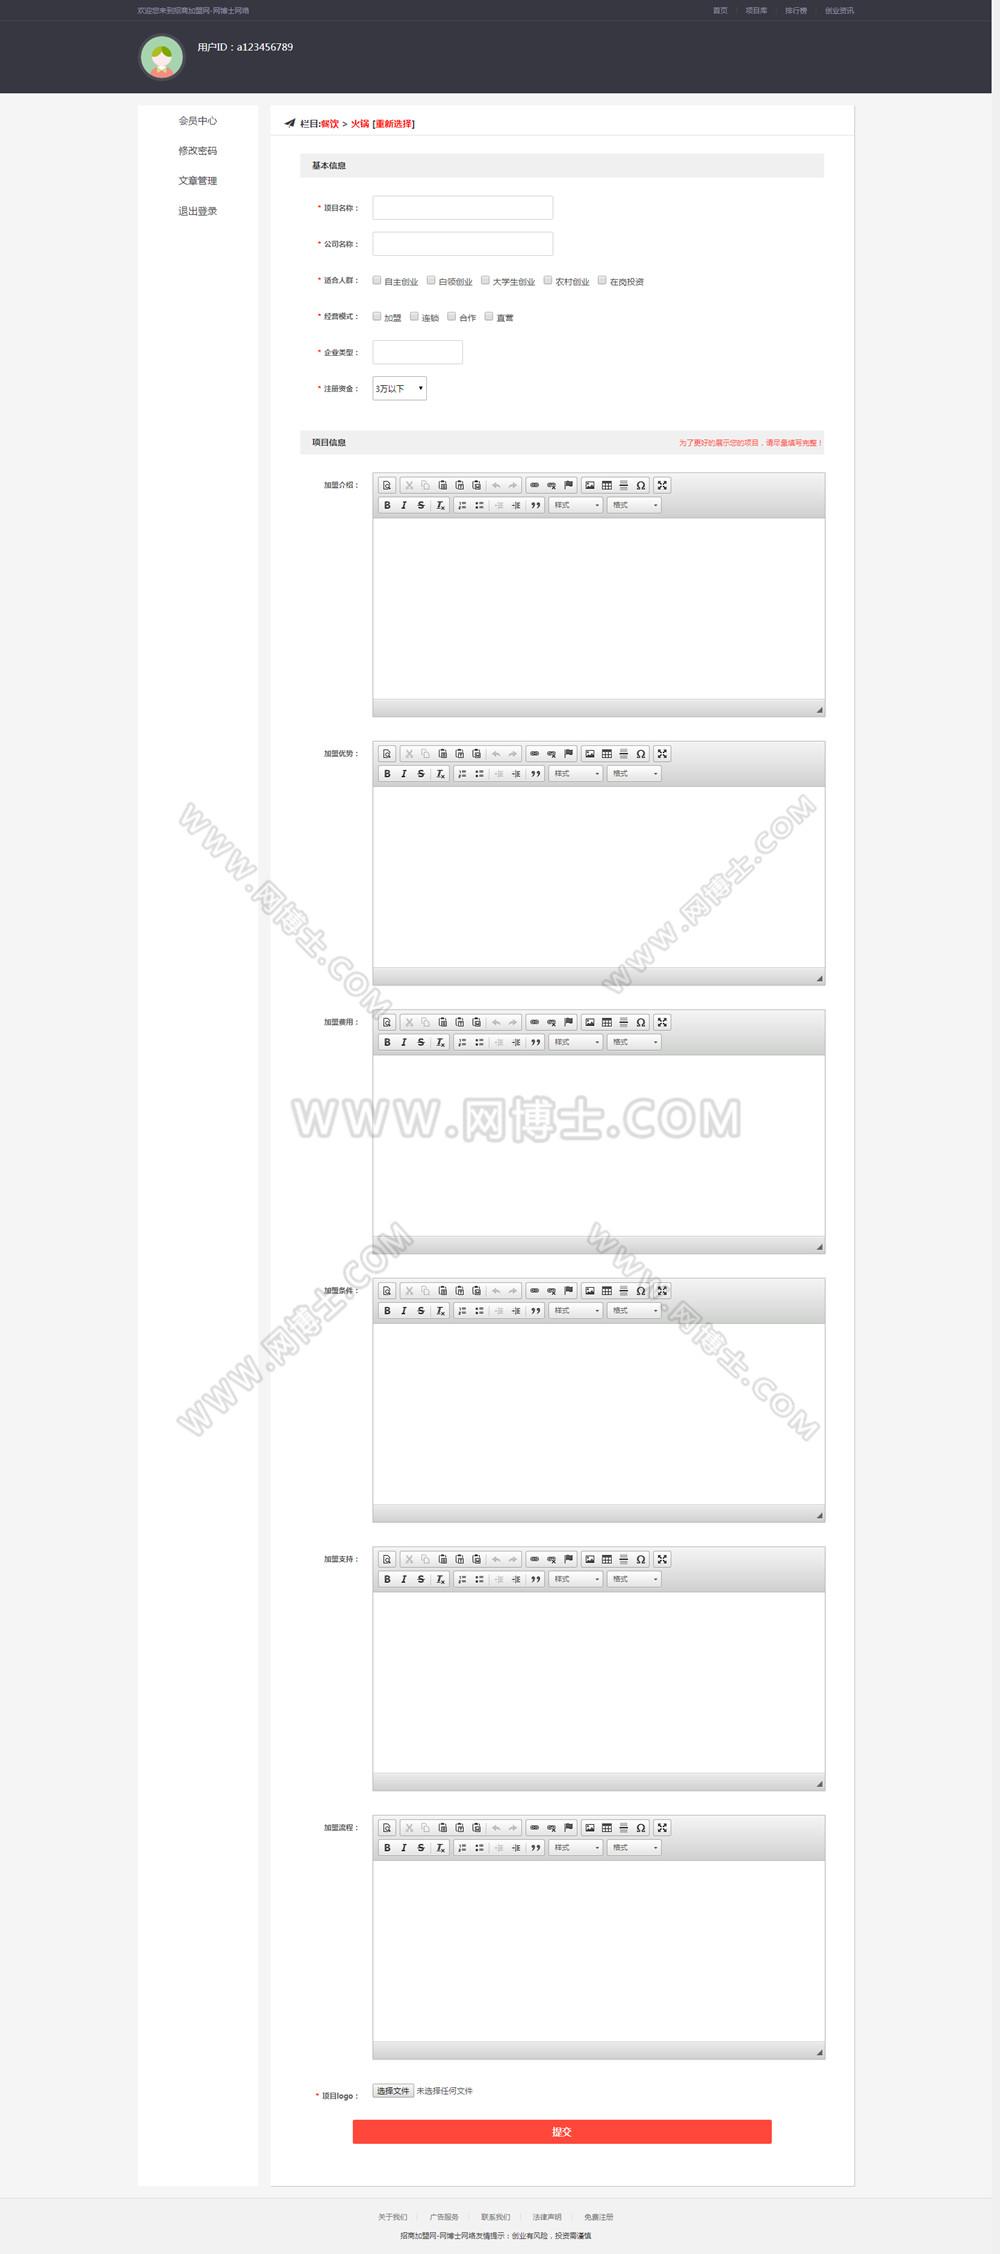 帝国cms7.5《招商加盟网》品牌连锁店招商加盟PC+WAP整站带数据源码